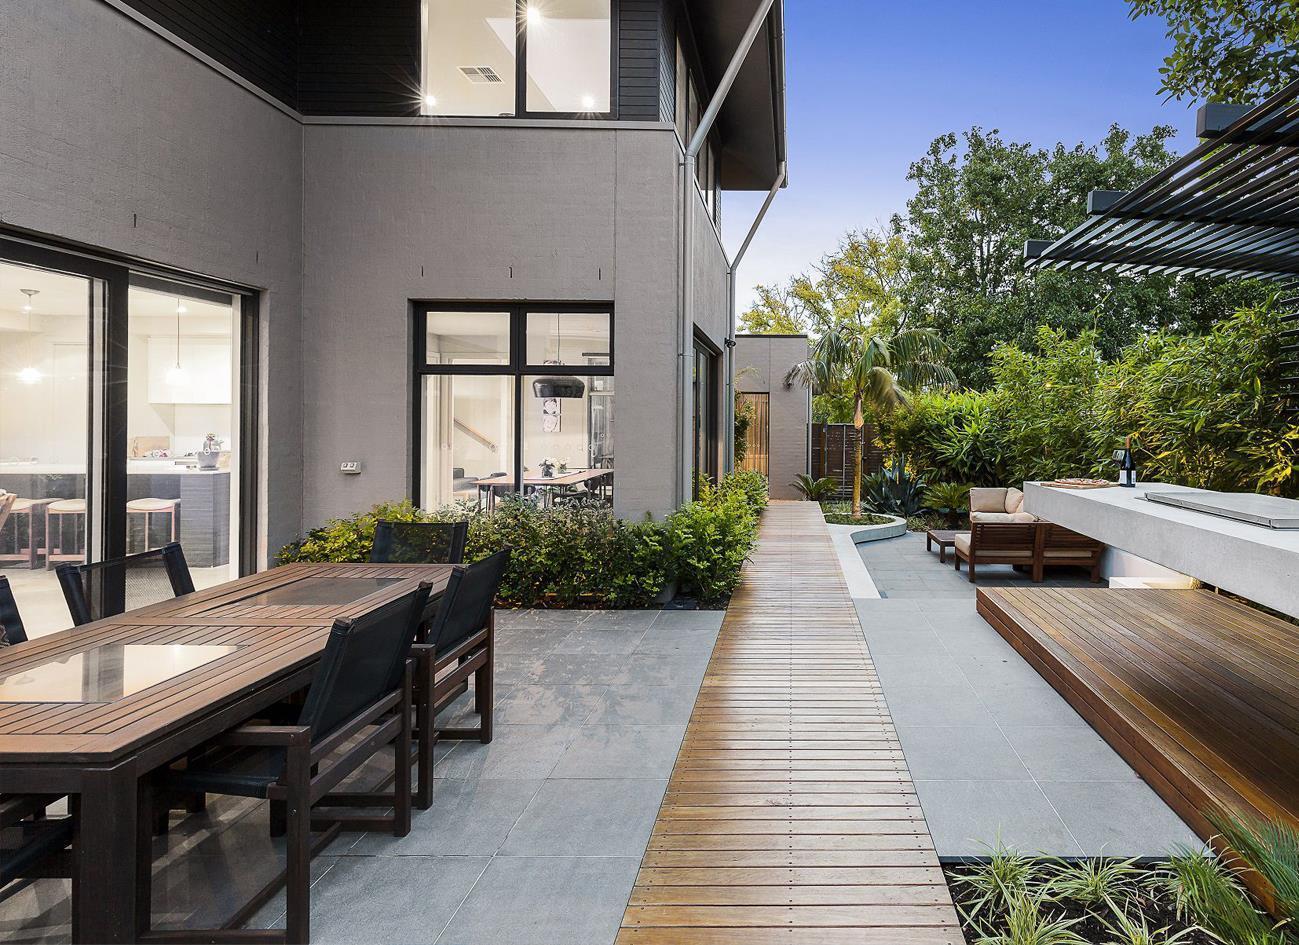 瓷砖厚板用于建筑外墙面好吗?瓷砖厚板有什么特点?